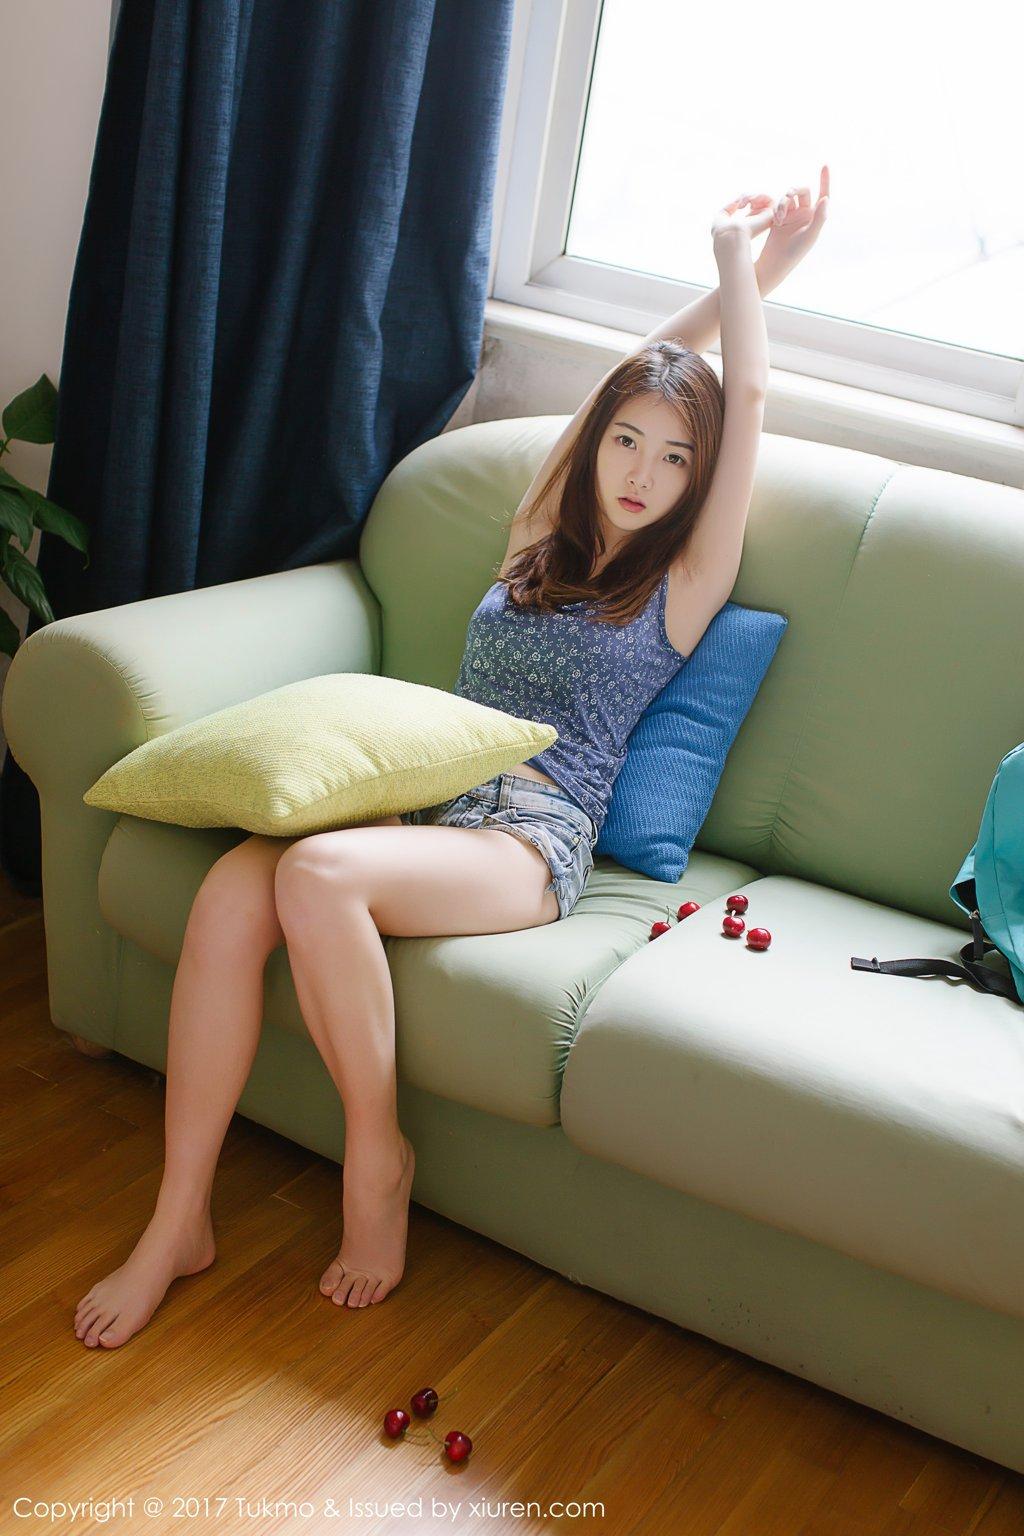 Image-Tukmo-Vol-096-Model-Mian-Mian-绵绵-Cute-Cherry-Girl-TruePic.net- Picture-8